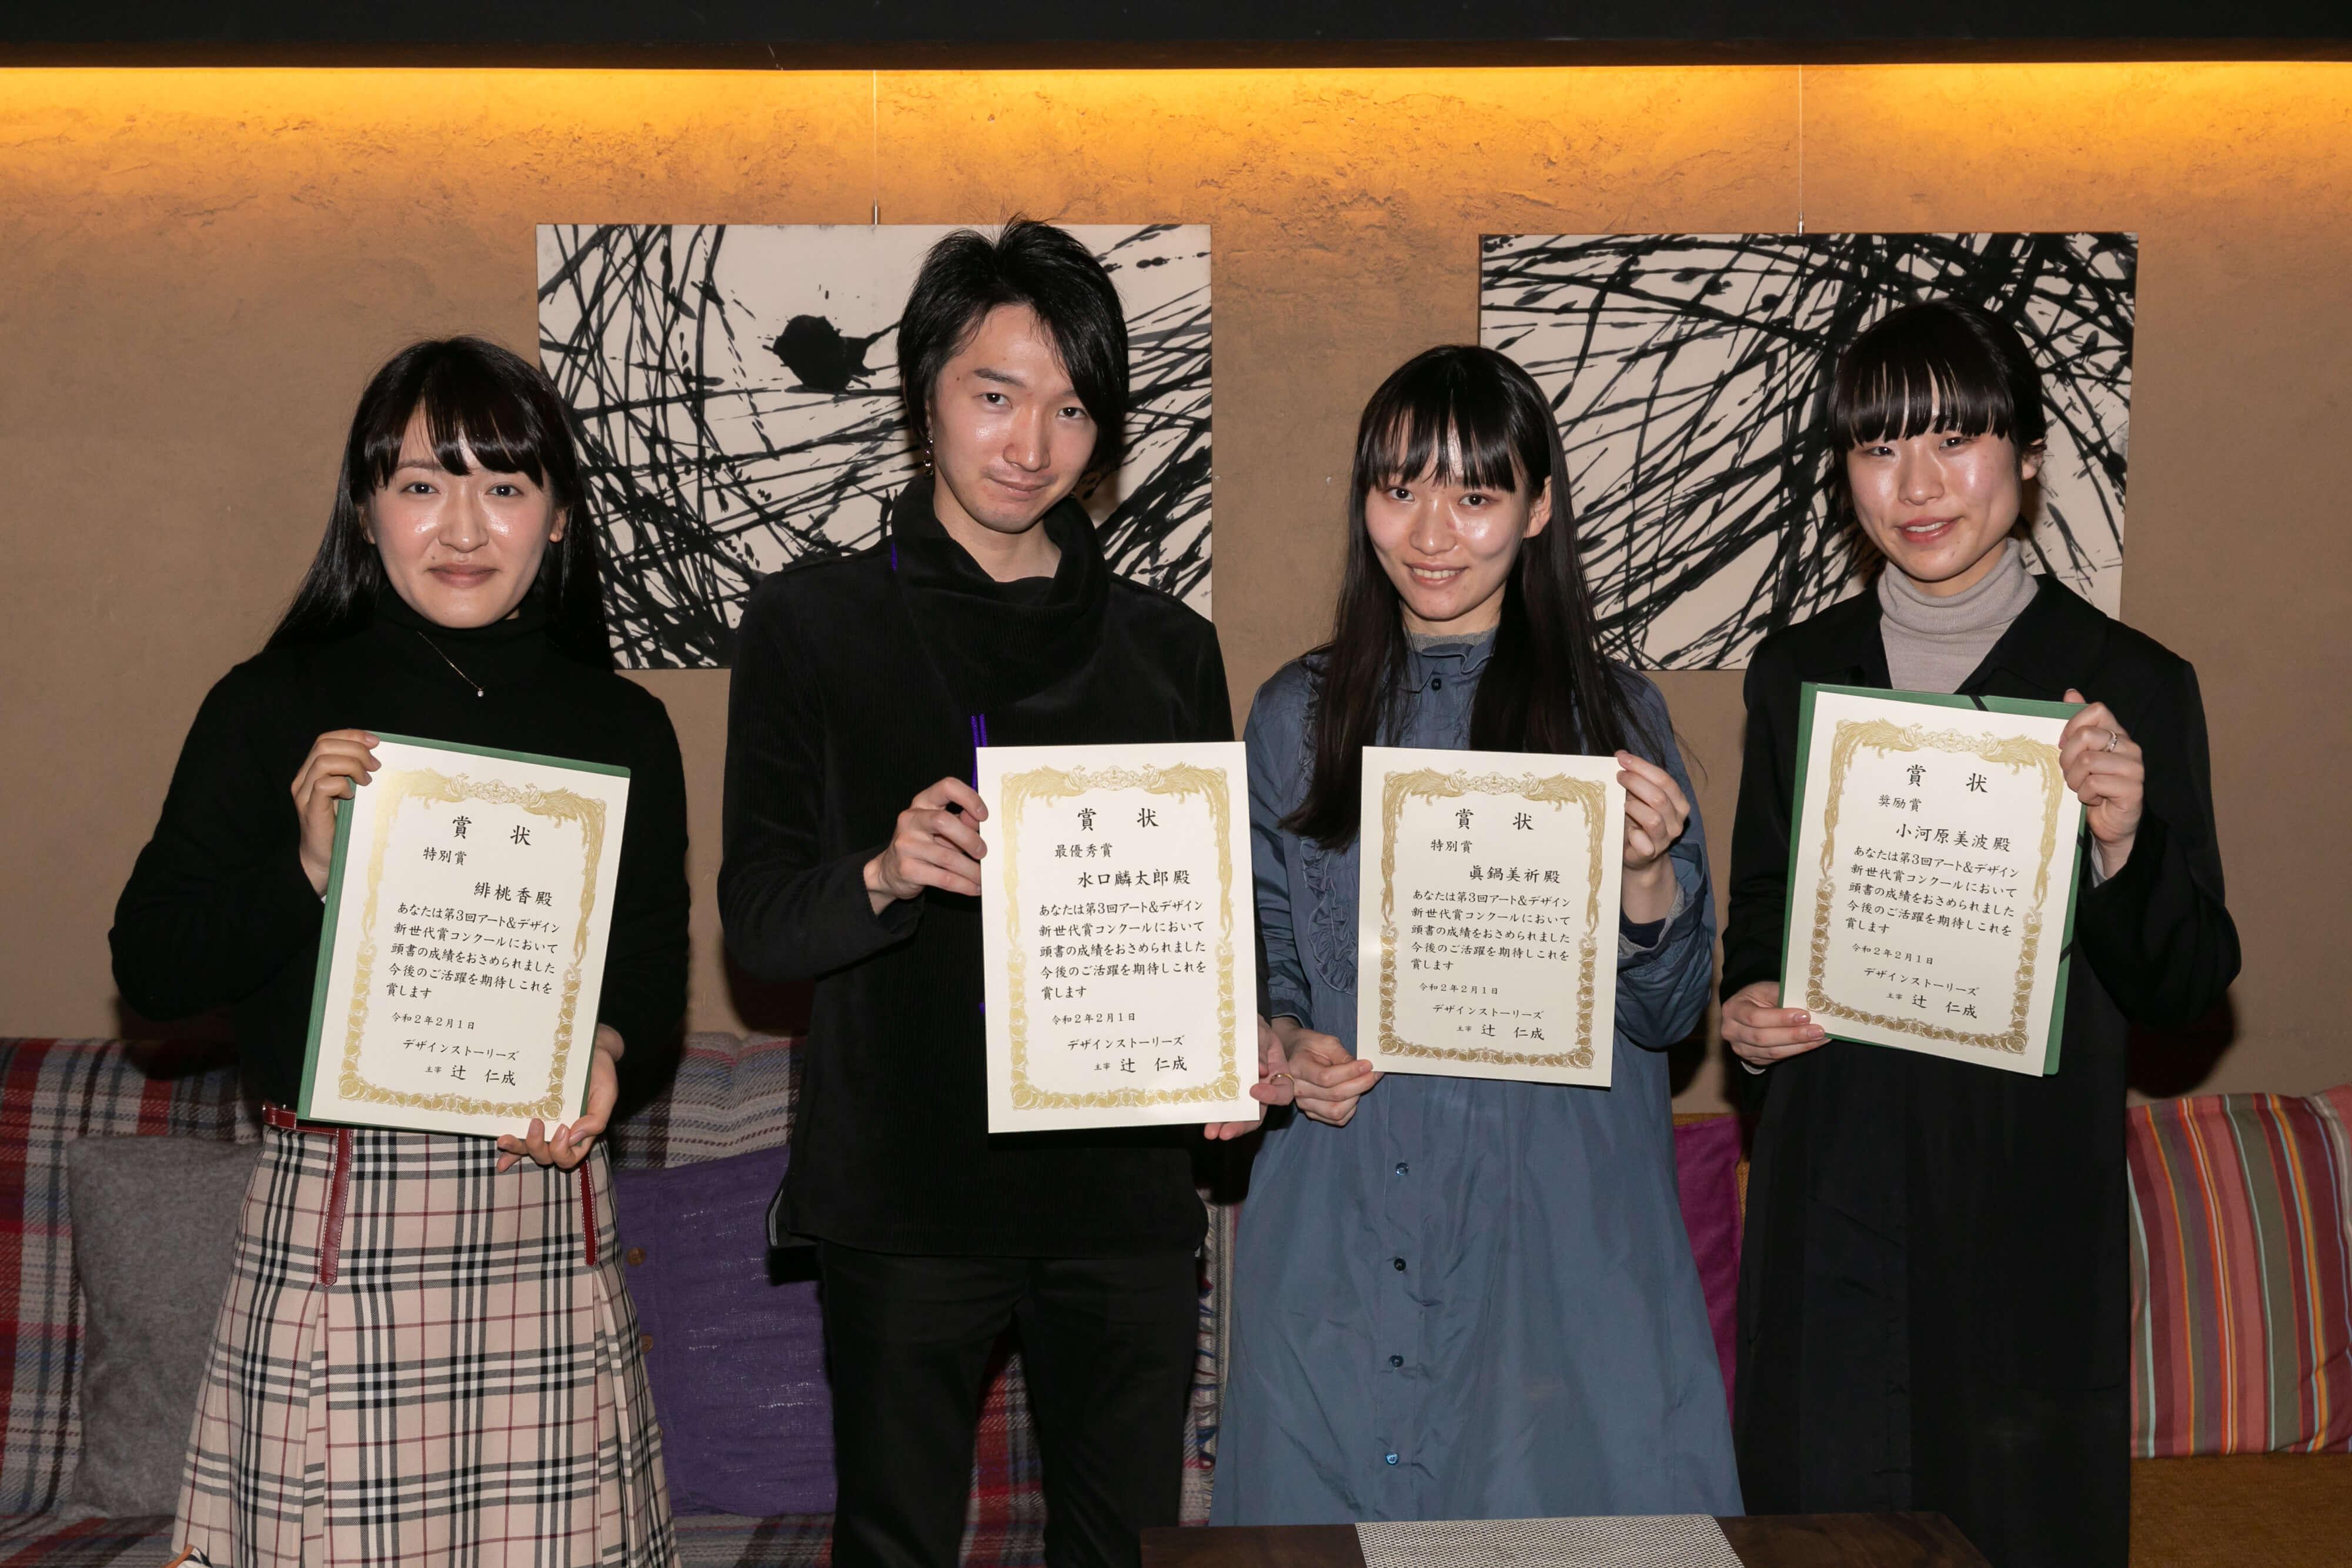 第3回アート&デザイン新世代賞 受賞記念パーティそして作品展開催へ!